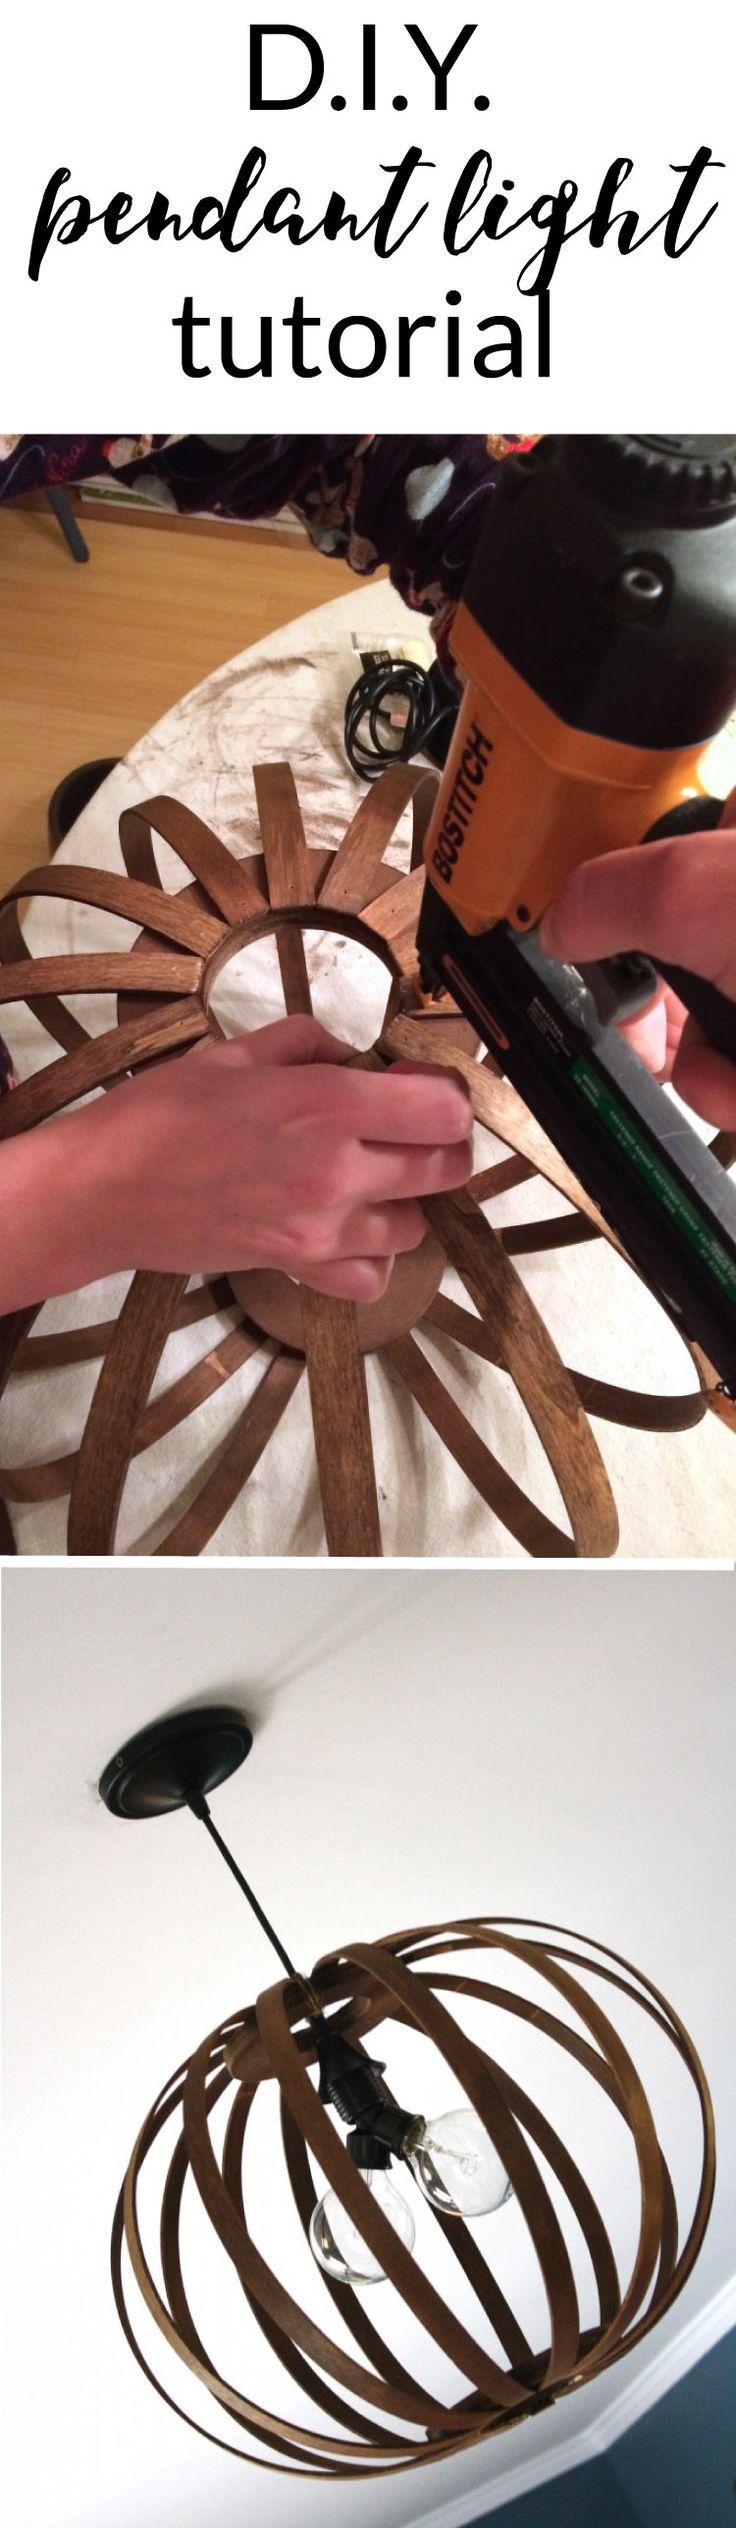 B & q küchenideen  best dyi furniture images on pinterest  home ideas creative